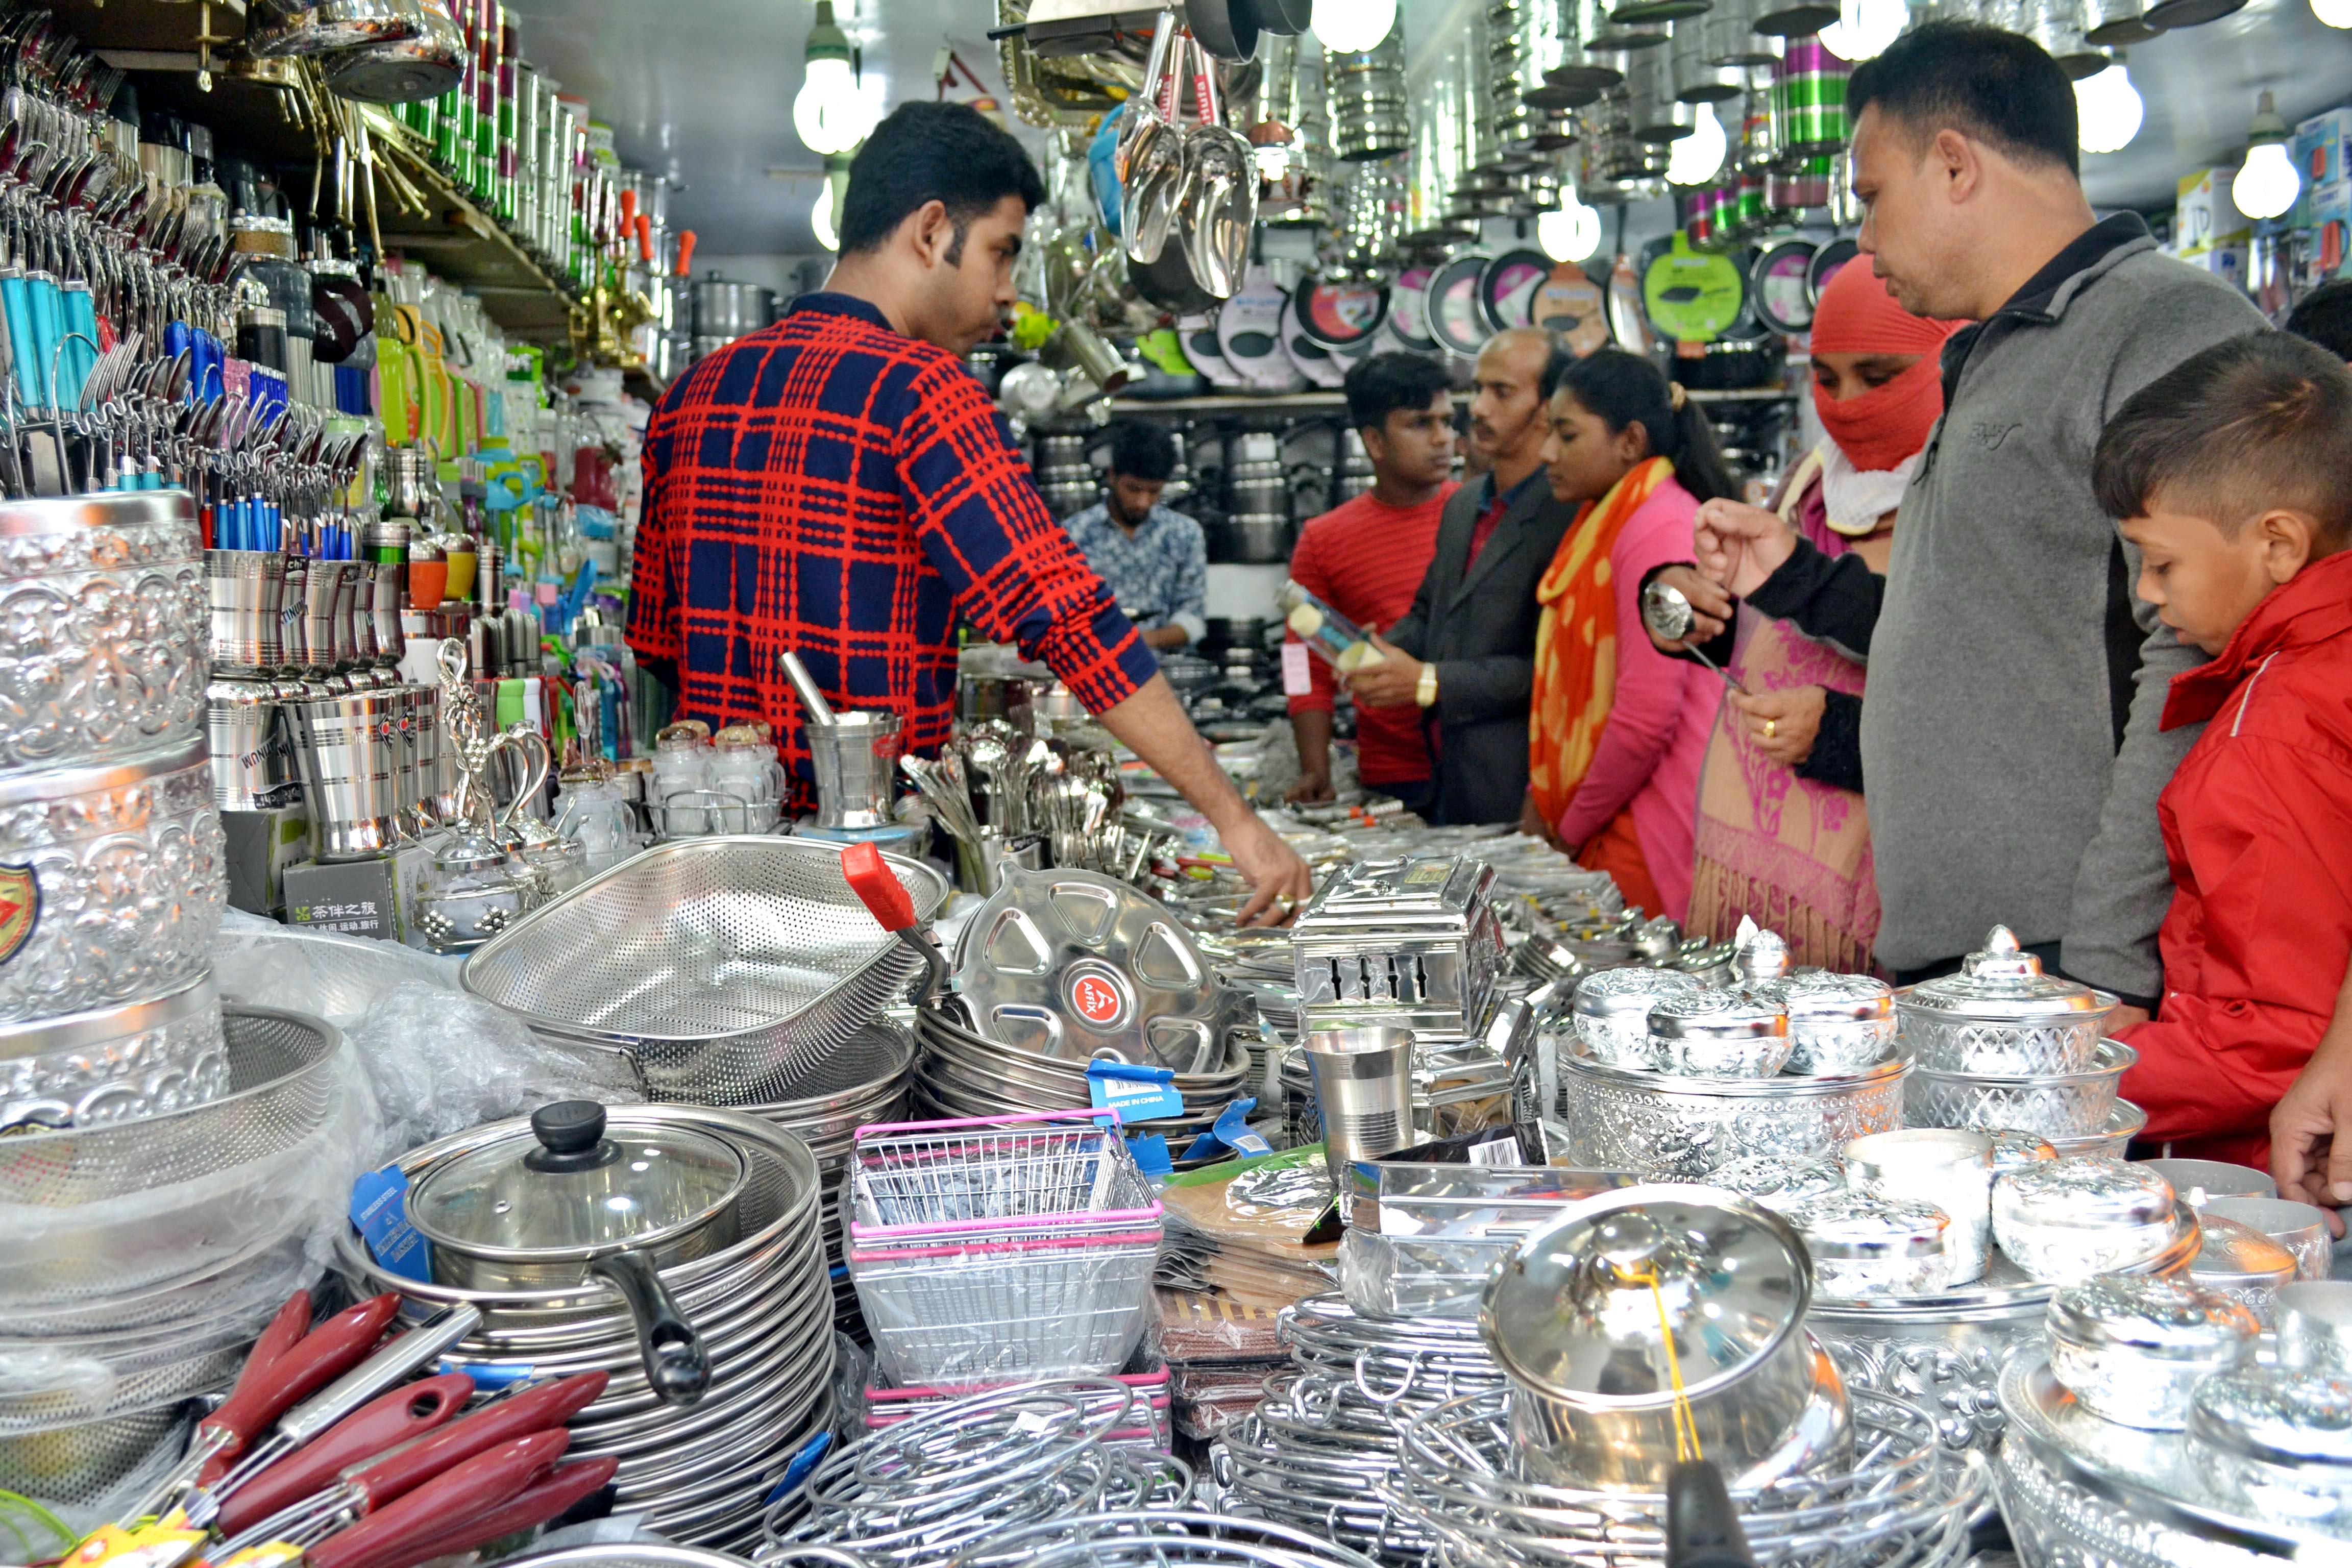 ঢাকার শেরেবাংলা নগরে শুরু হওয়া মাসব্যাপী ঢাকা আন্তর্জাতিক বাণিজ্য মেলায় সোমবার বিভিন্ন স্টল ঘুরে দেখছেন দর্শনার্থীরা